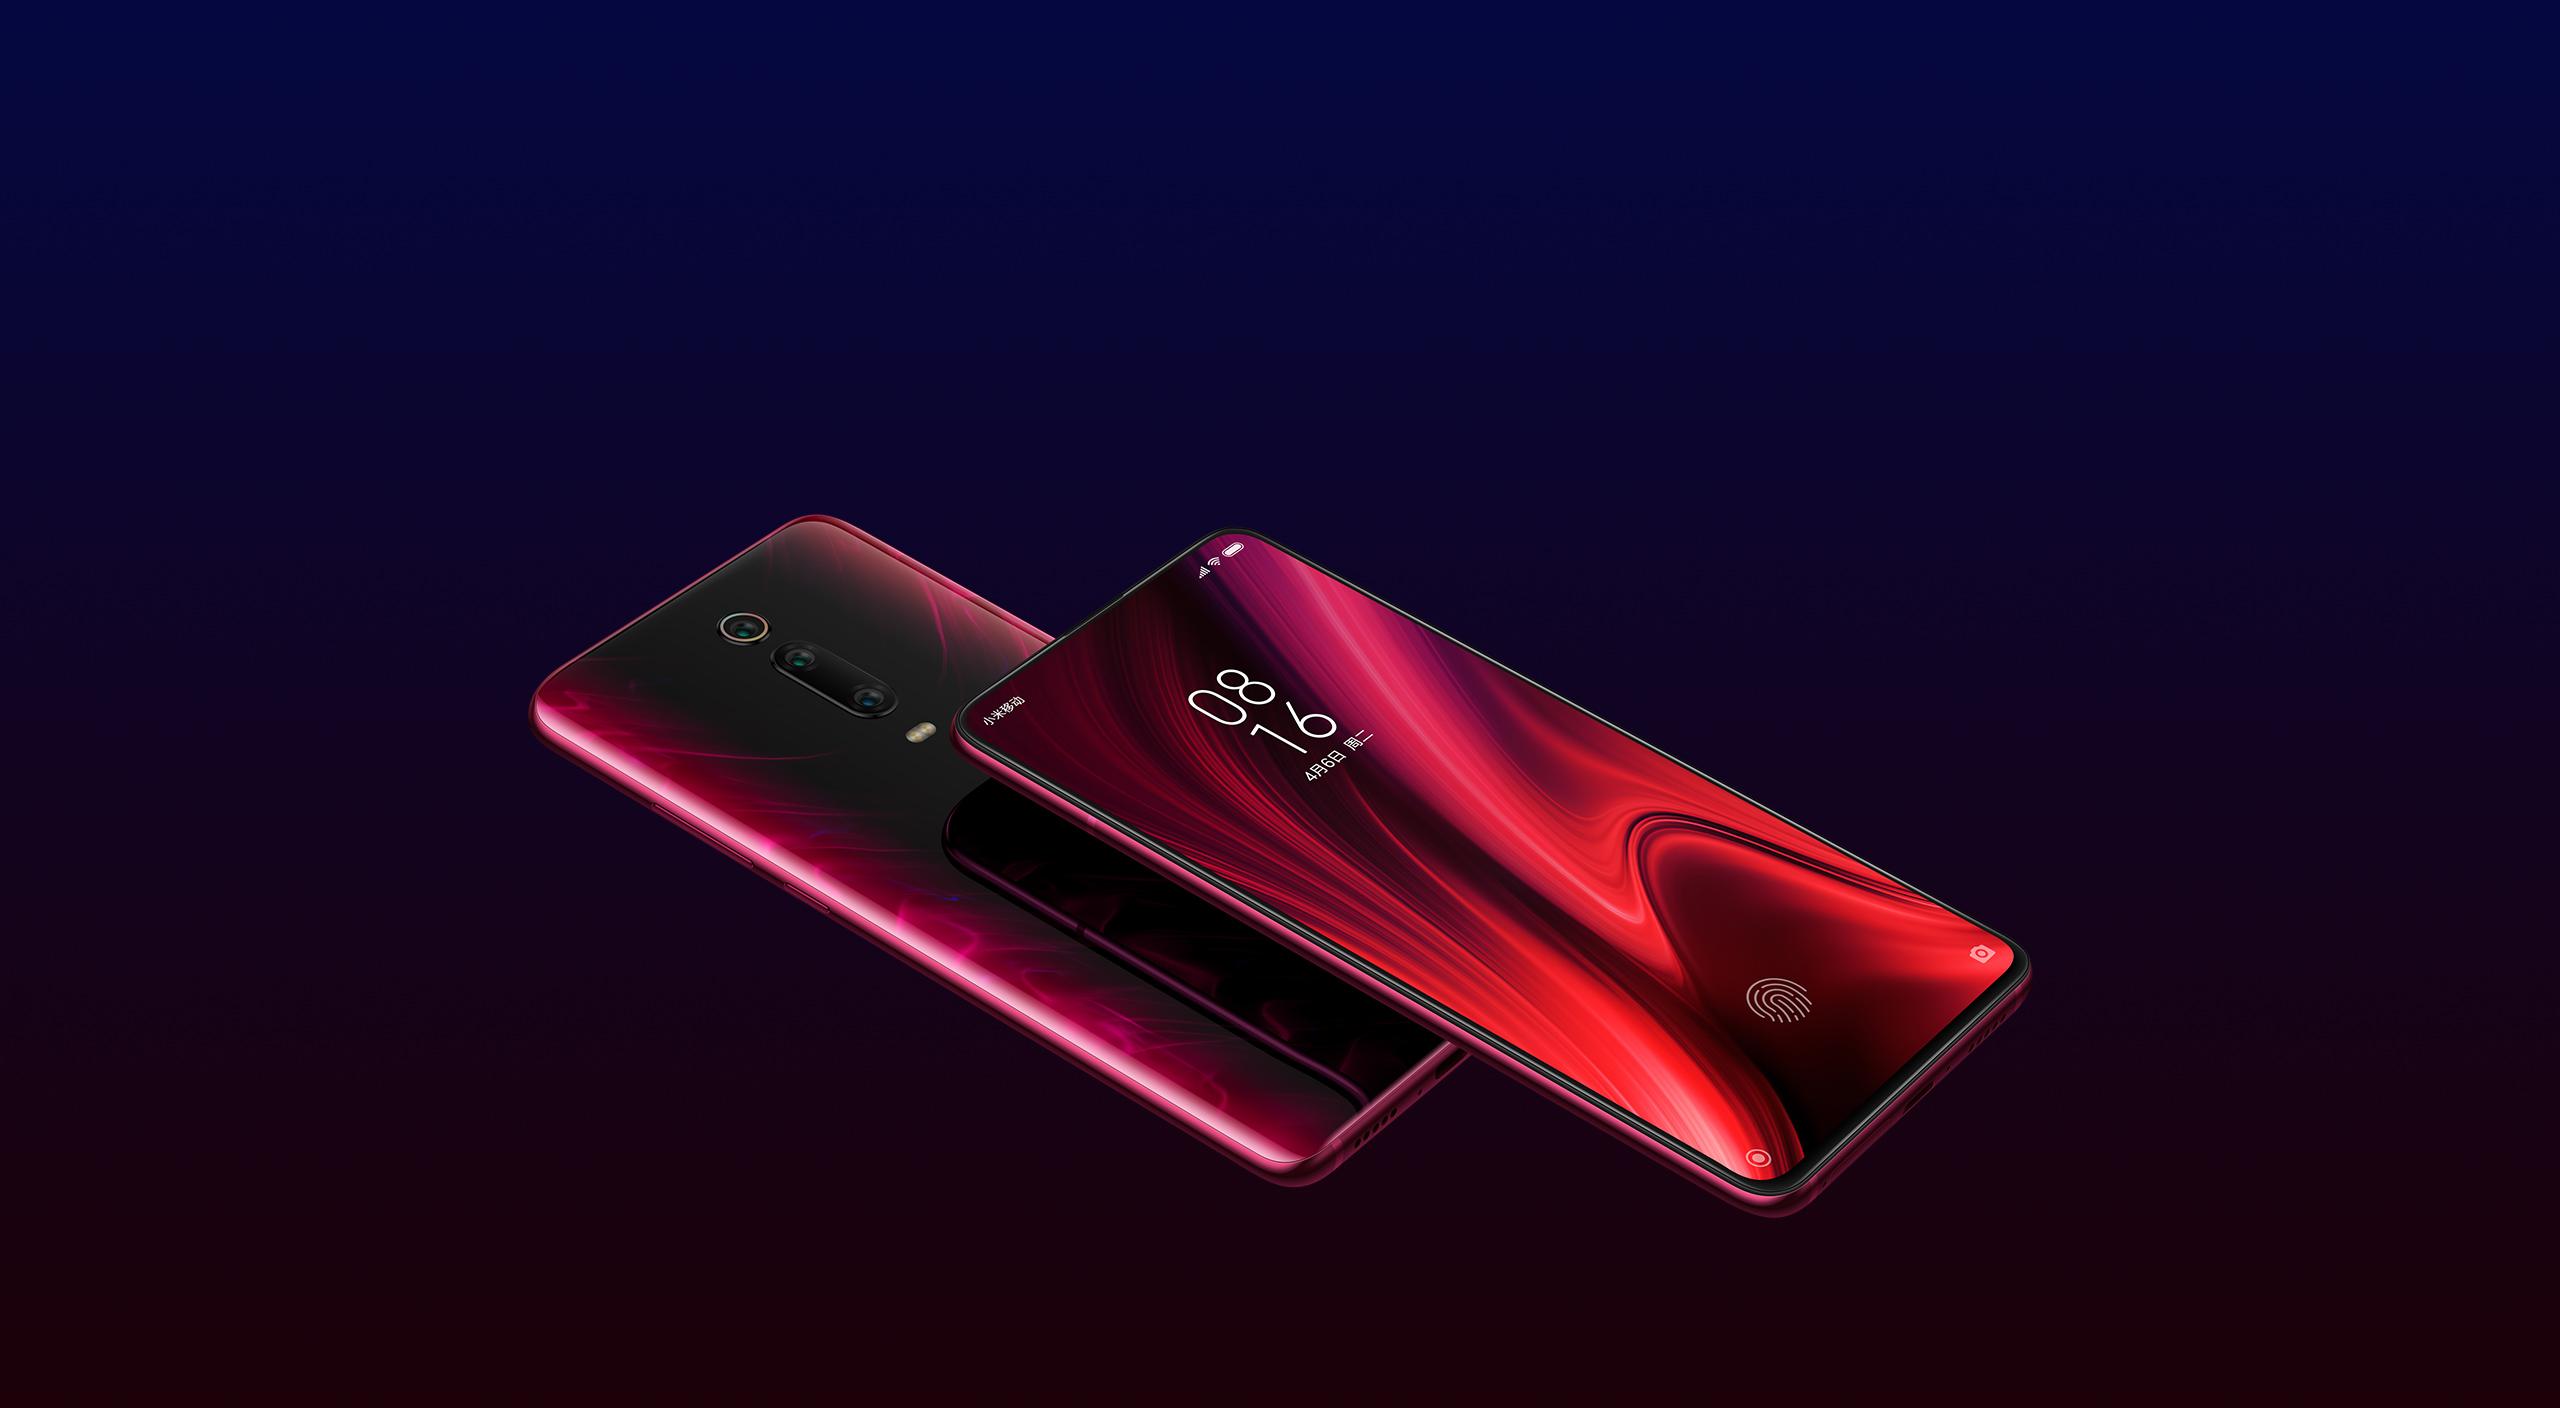 דיווח: Redmi K20 תושק מחדש כסדרת Xiaomi Mi 9T